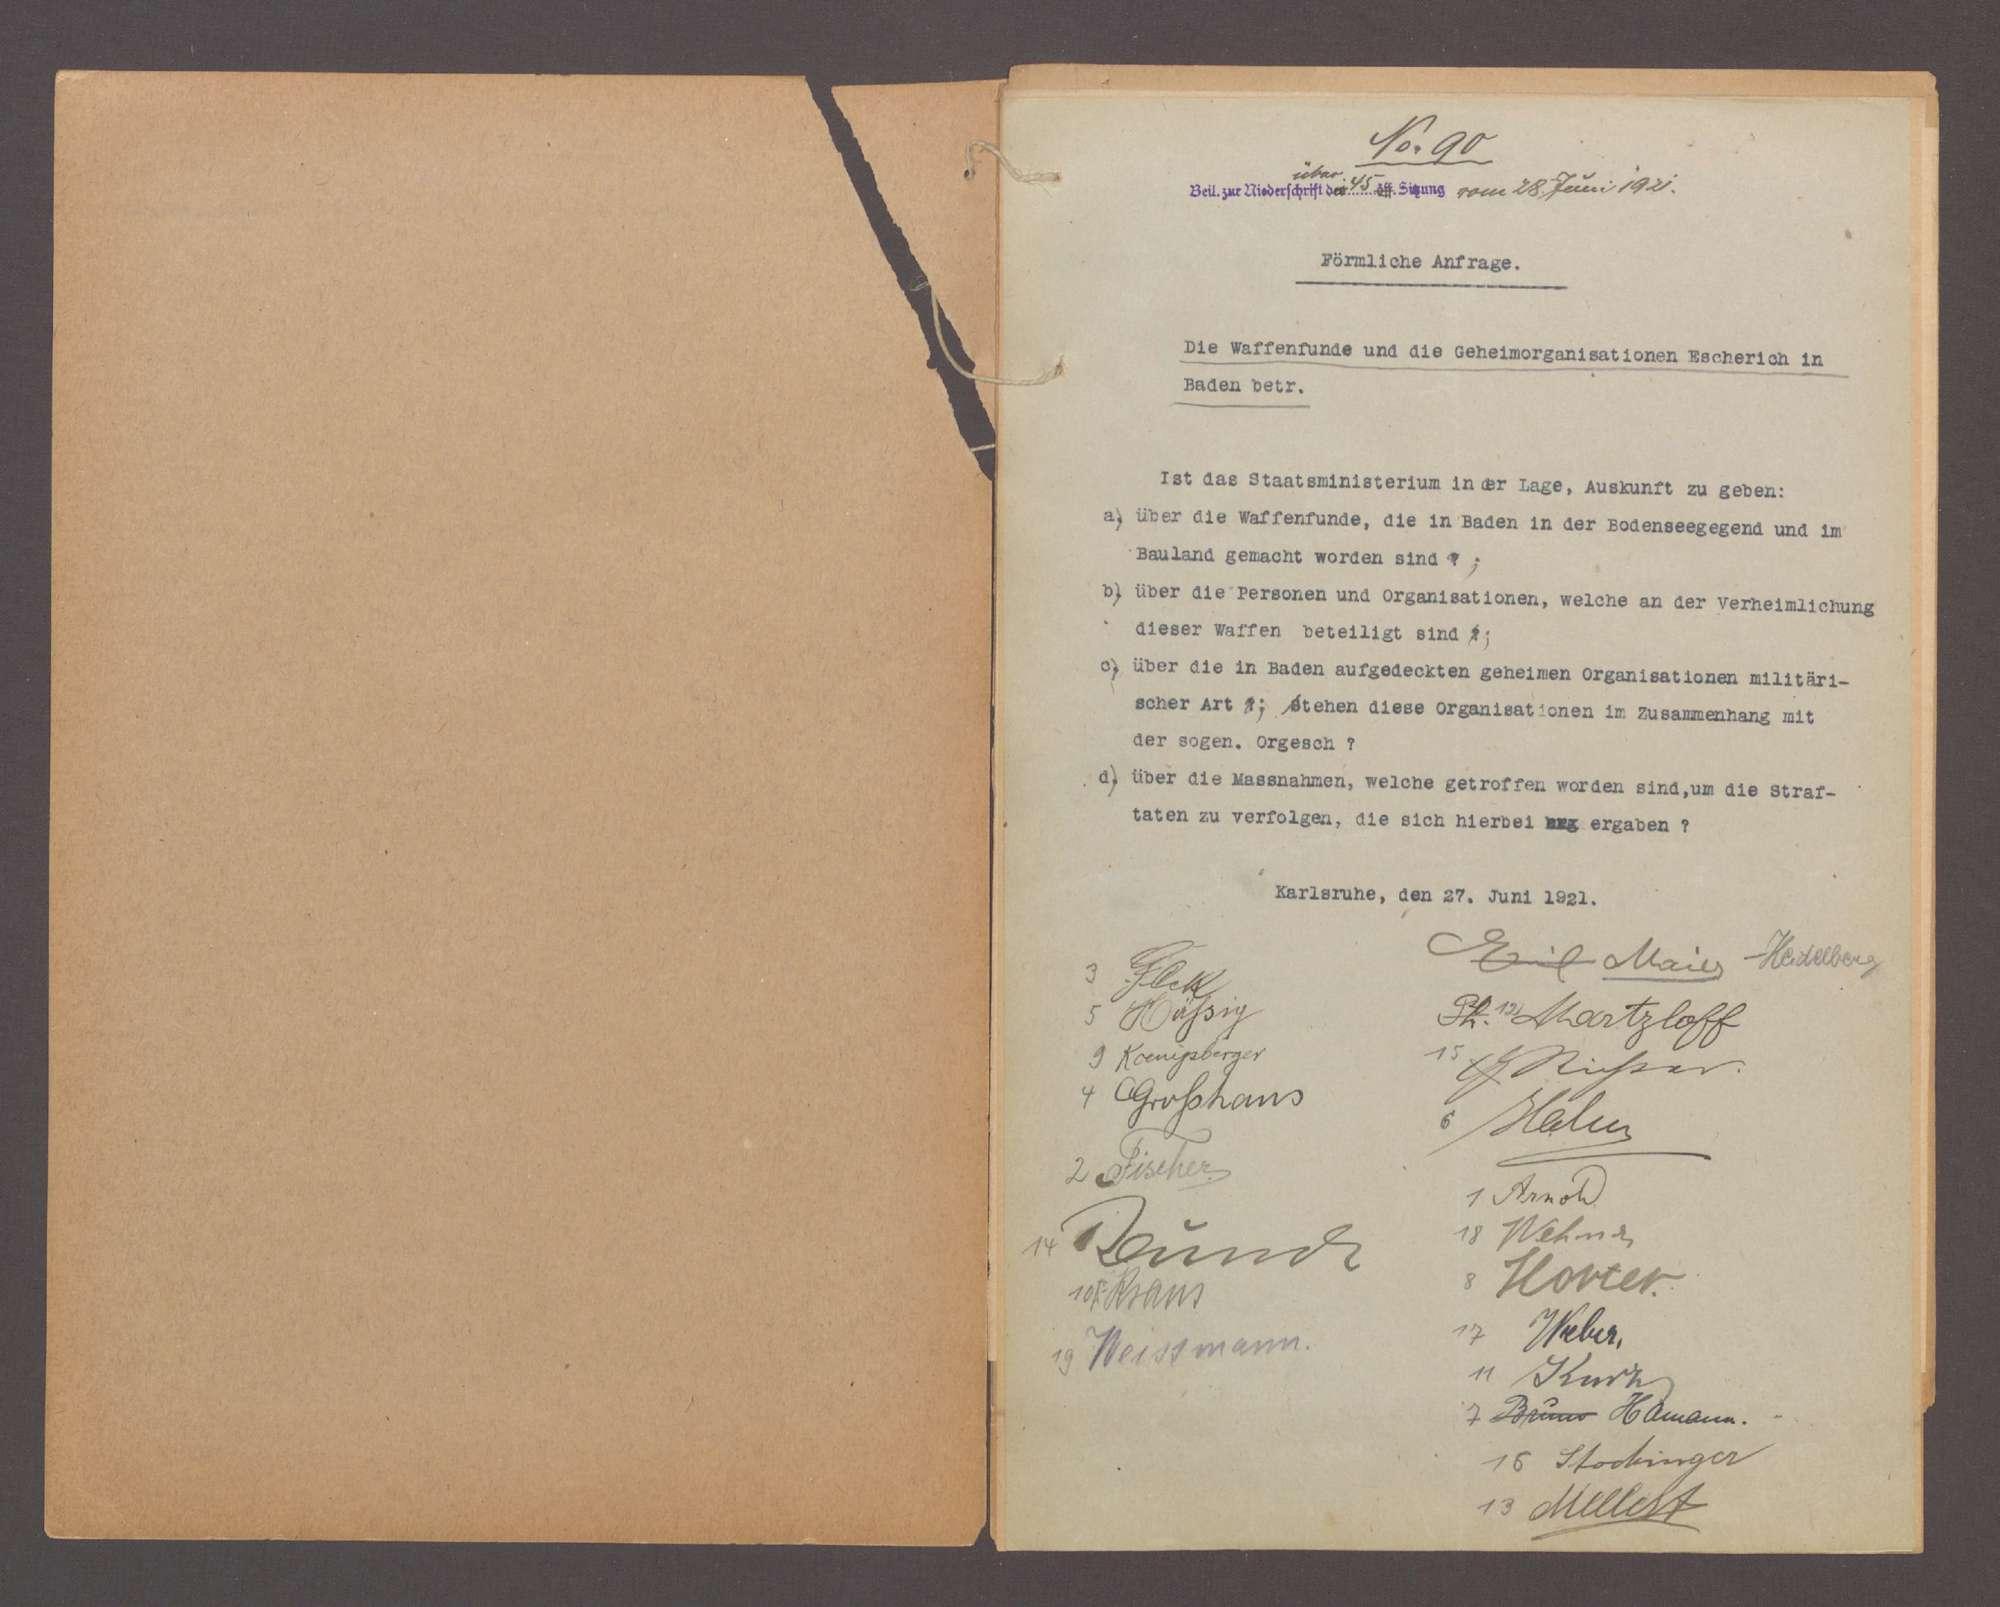 Förmliche Anfrage der Abg. Maier, Heidelberg und Gen. betreffend die Waffenfunde und die Geheimorganisation Escherich in Baden, Bild 2